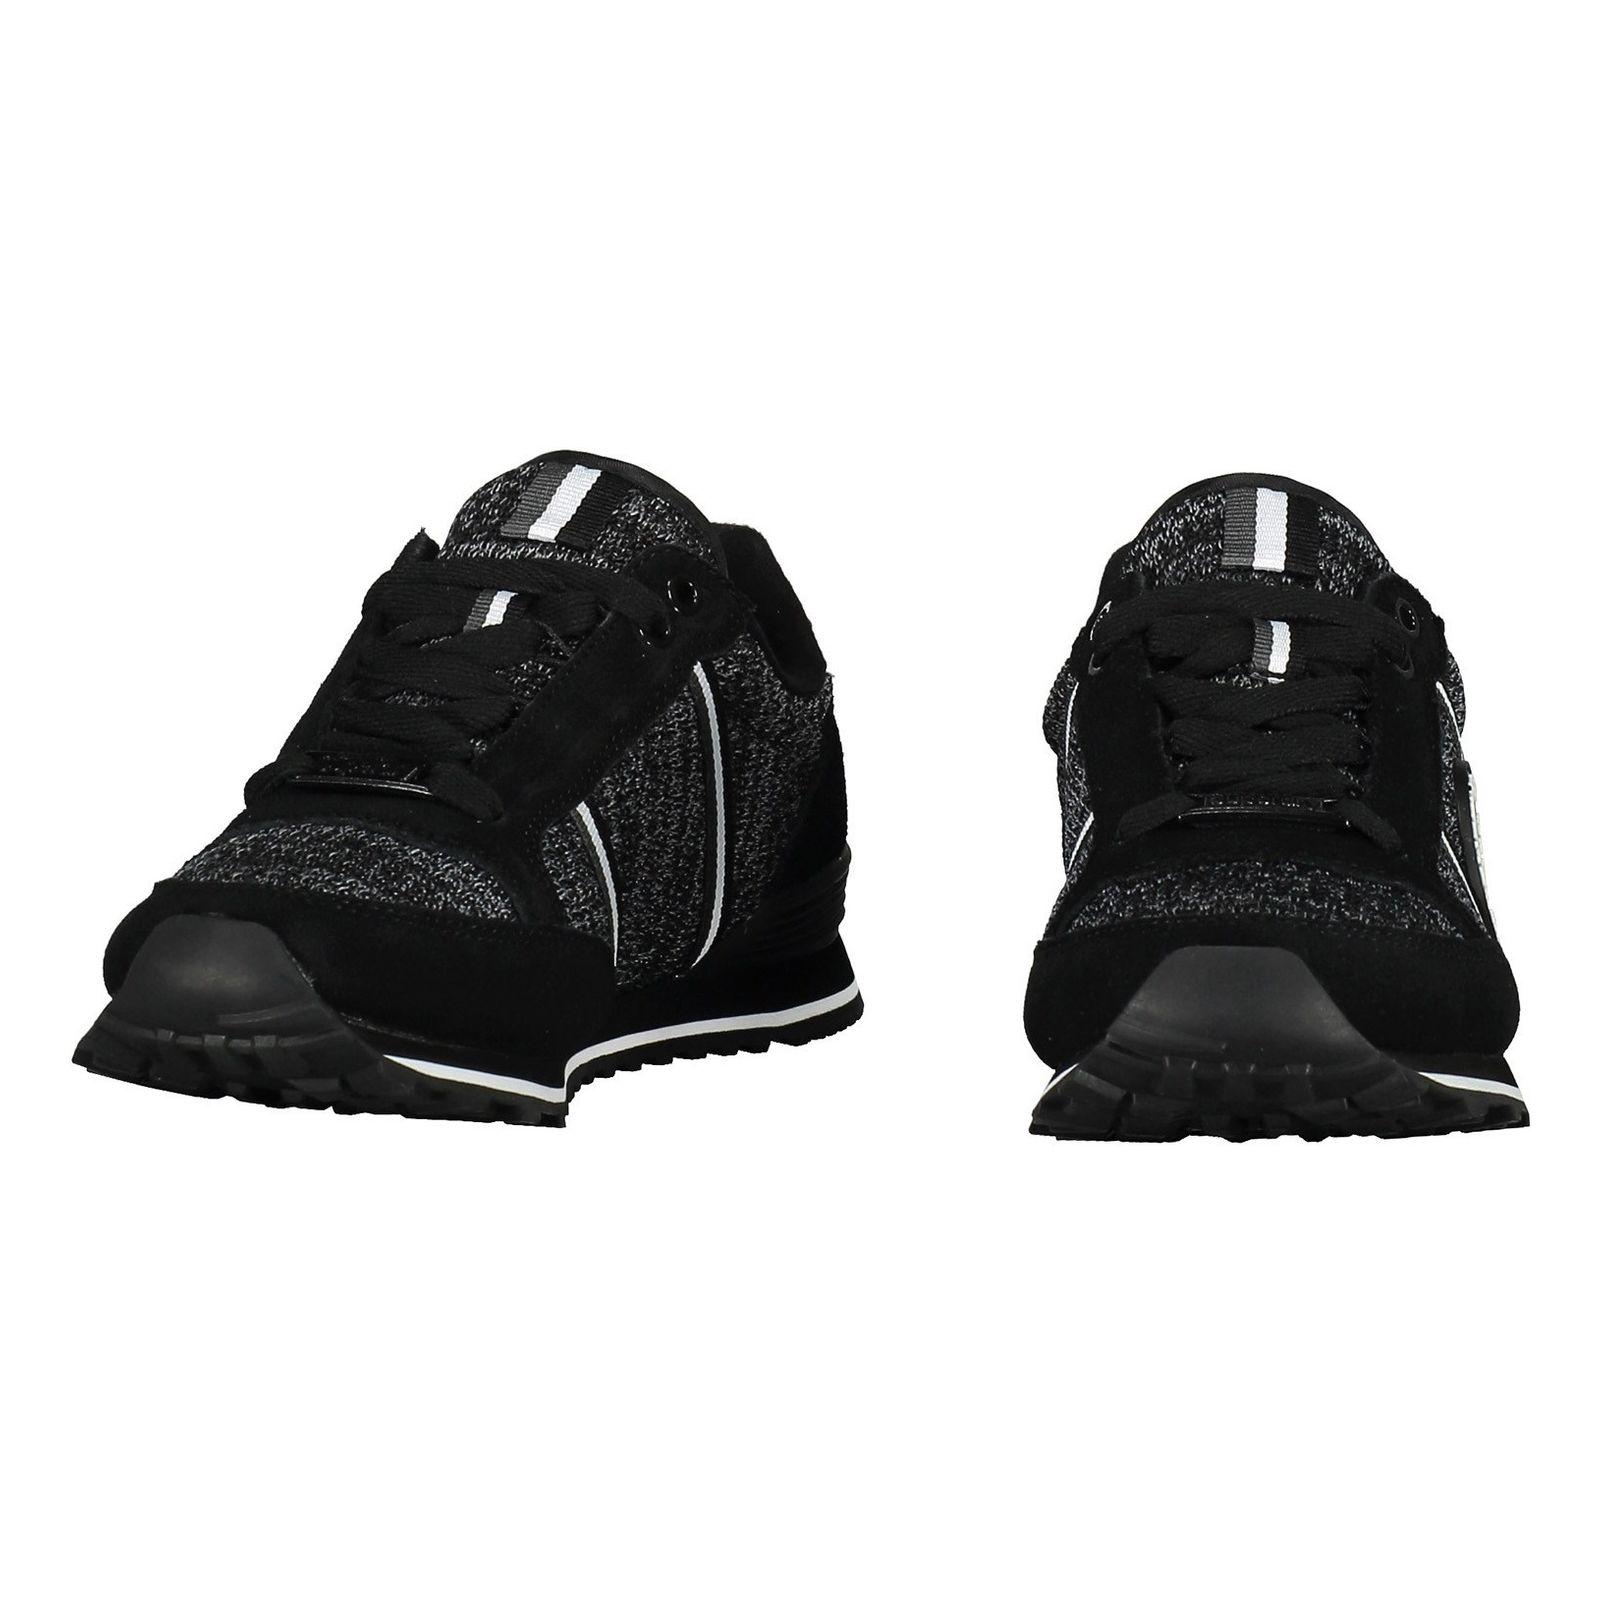 کفش دویدن زنانه FUJI RUNNER - سوپردرای - مشکي - 4